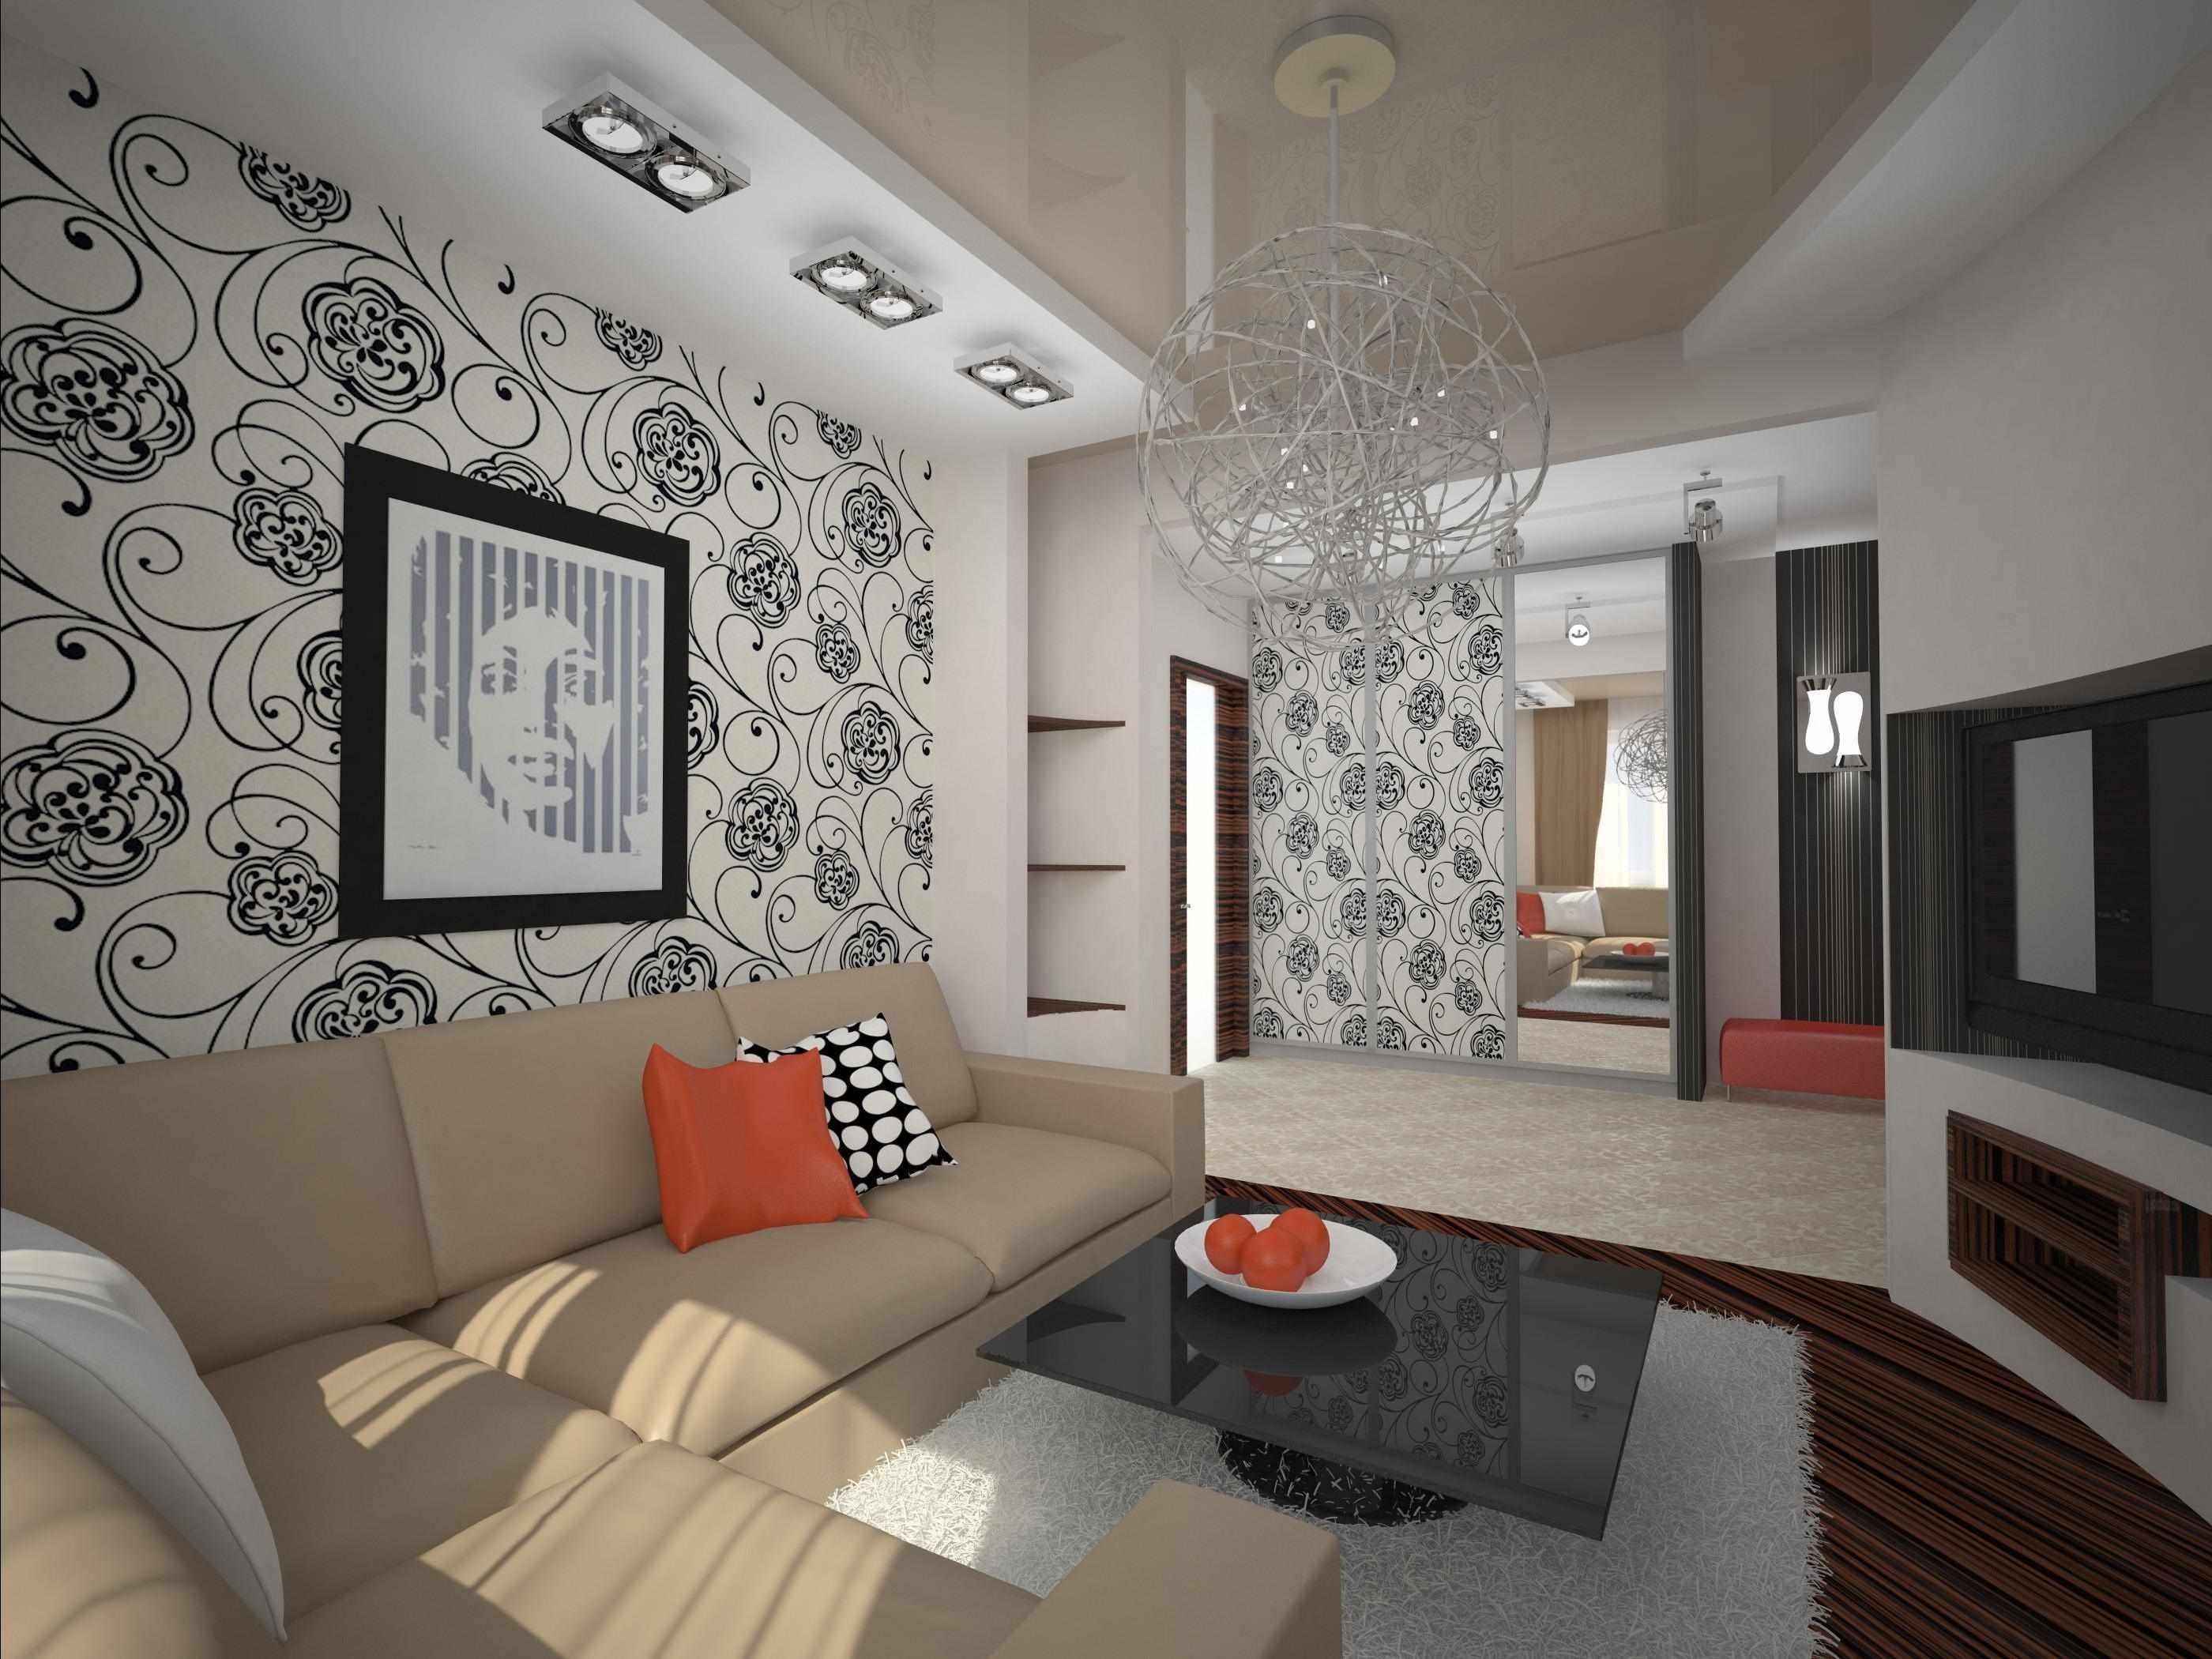 exemple d'un bel intérieur d'un séjour 16 m²